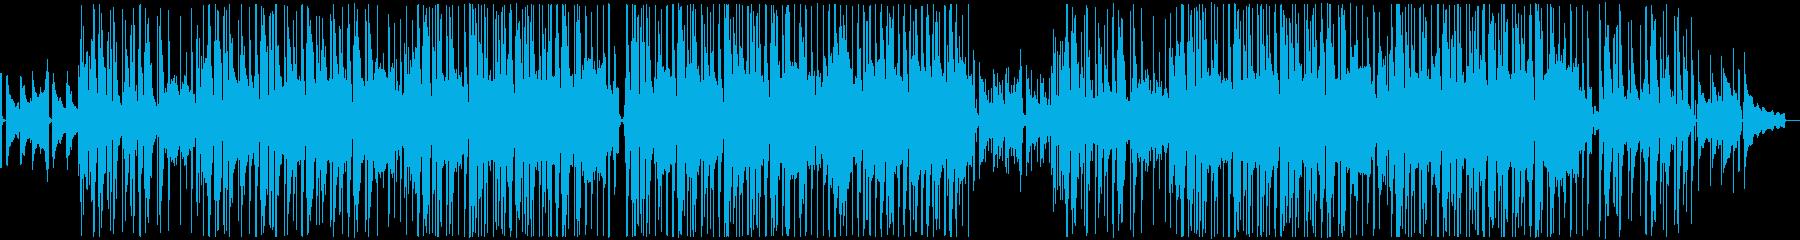 クールでグルーヴィなジャジーヒップホップの再生済みの波形